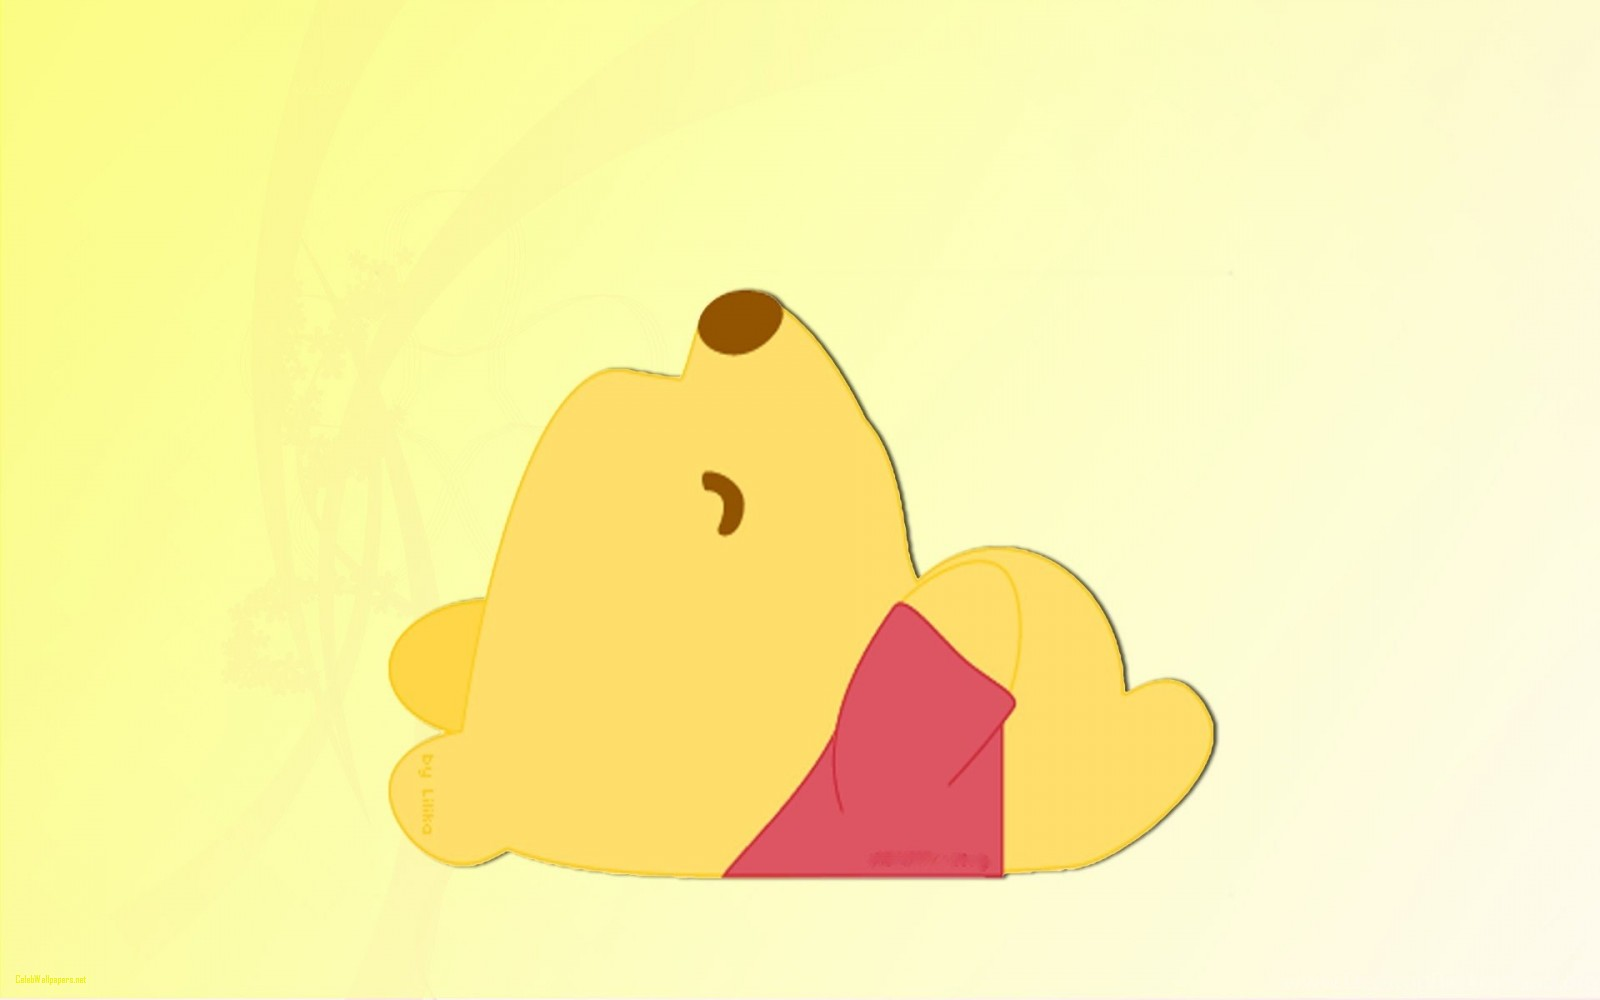 Hình nền dễ thương của gấu Pool